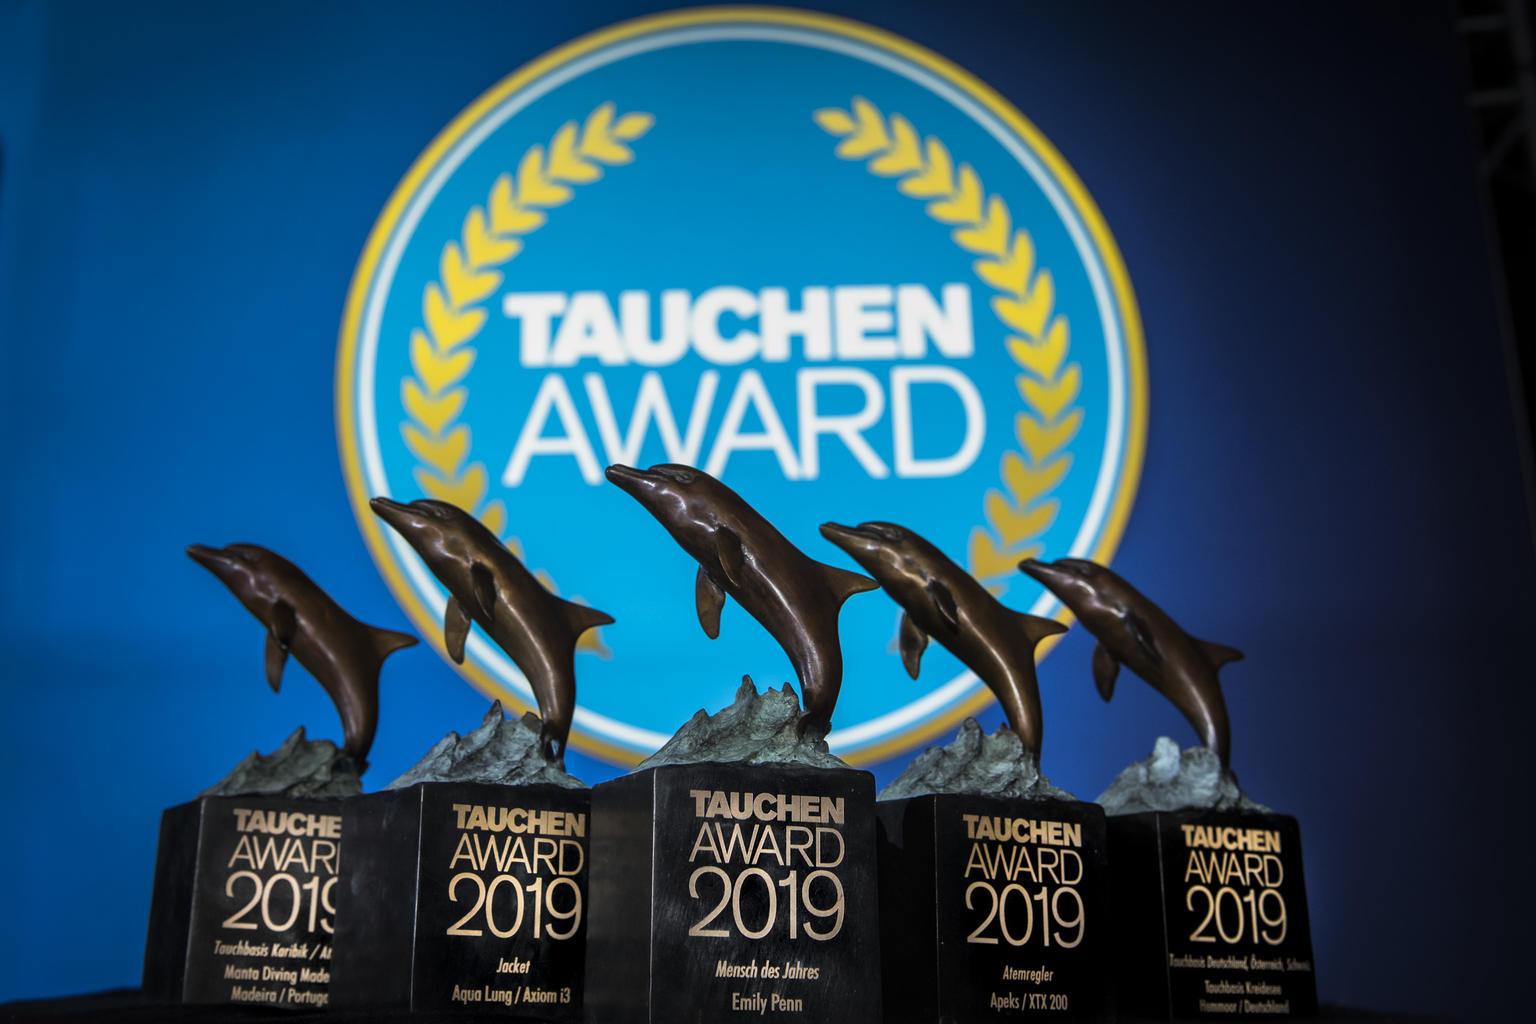 Лучшее снаряжение для дайвинга 2019 премия tauchen award